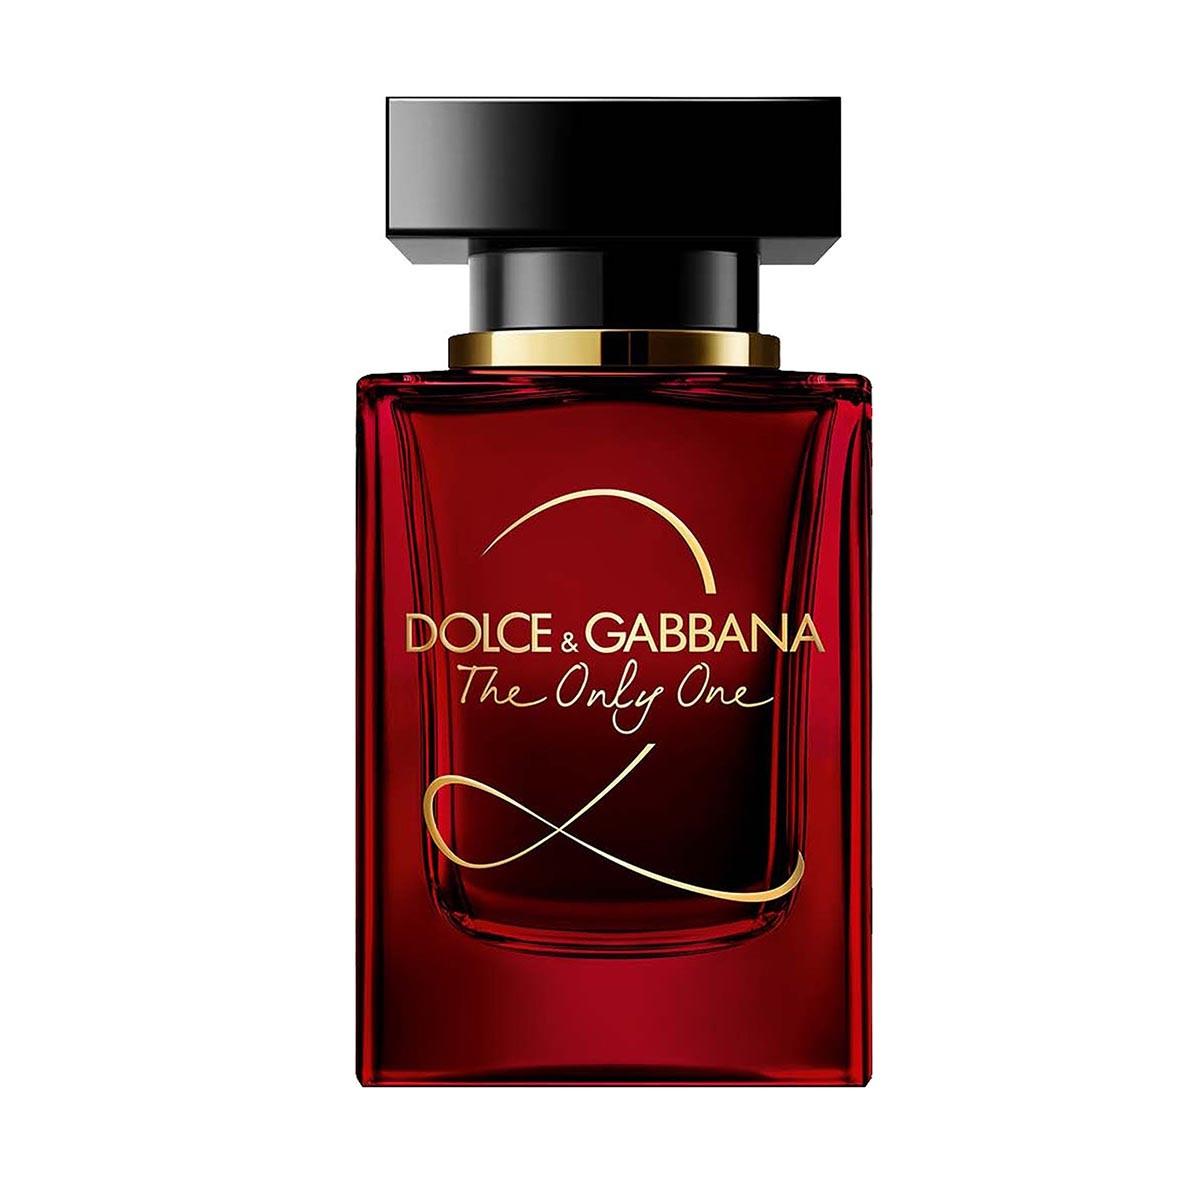 Dolce & Gabbana The Only One 2, 100ml, Parfémovaná voda - Tester